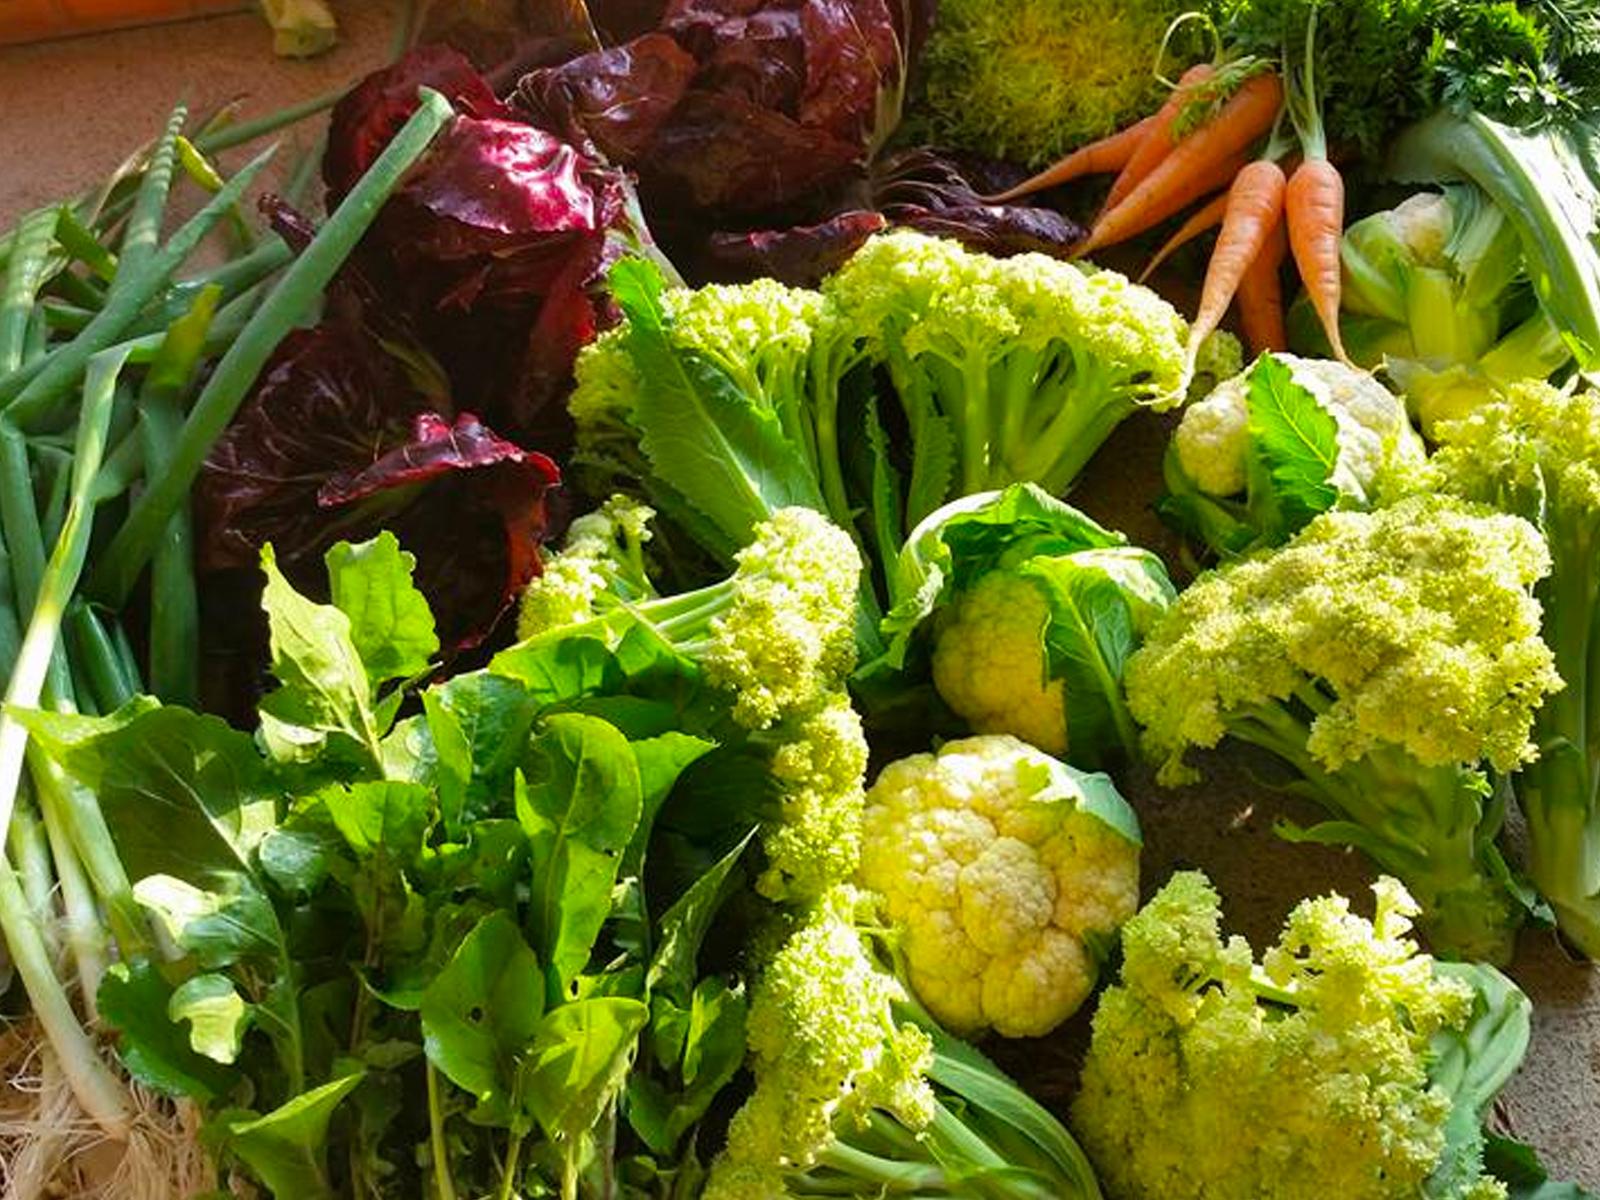 「from the farm 京丹波 高橋農園」で収穫体験。無農薬&自然農法で作られた野菜は安全、安心で何より絶品。ランチタイムは農園の木陰でビーガンランチ、スイーツをたっぷりどうぞ。